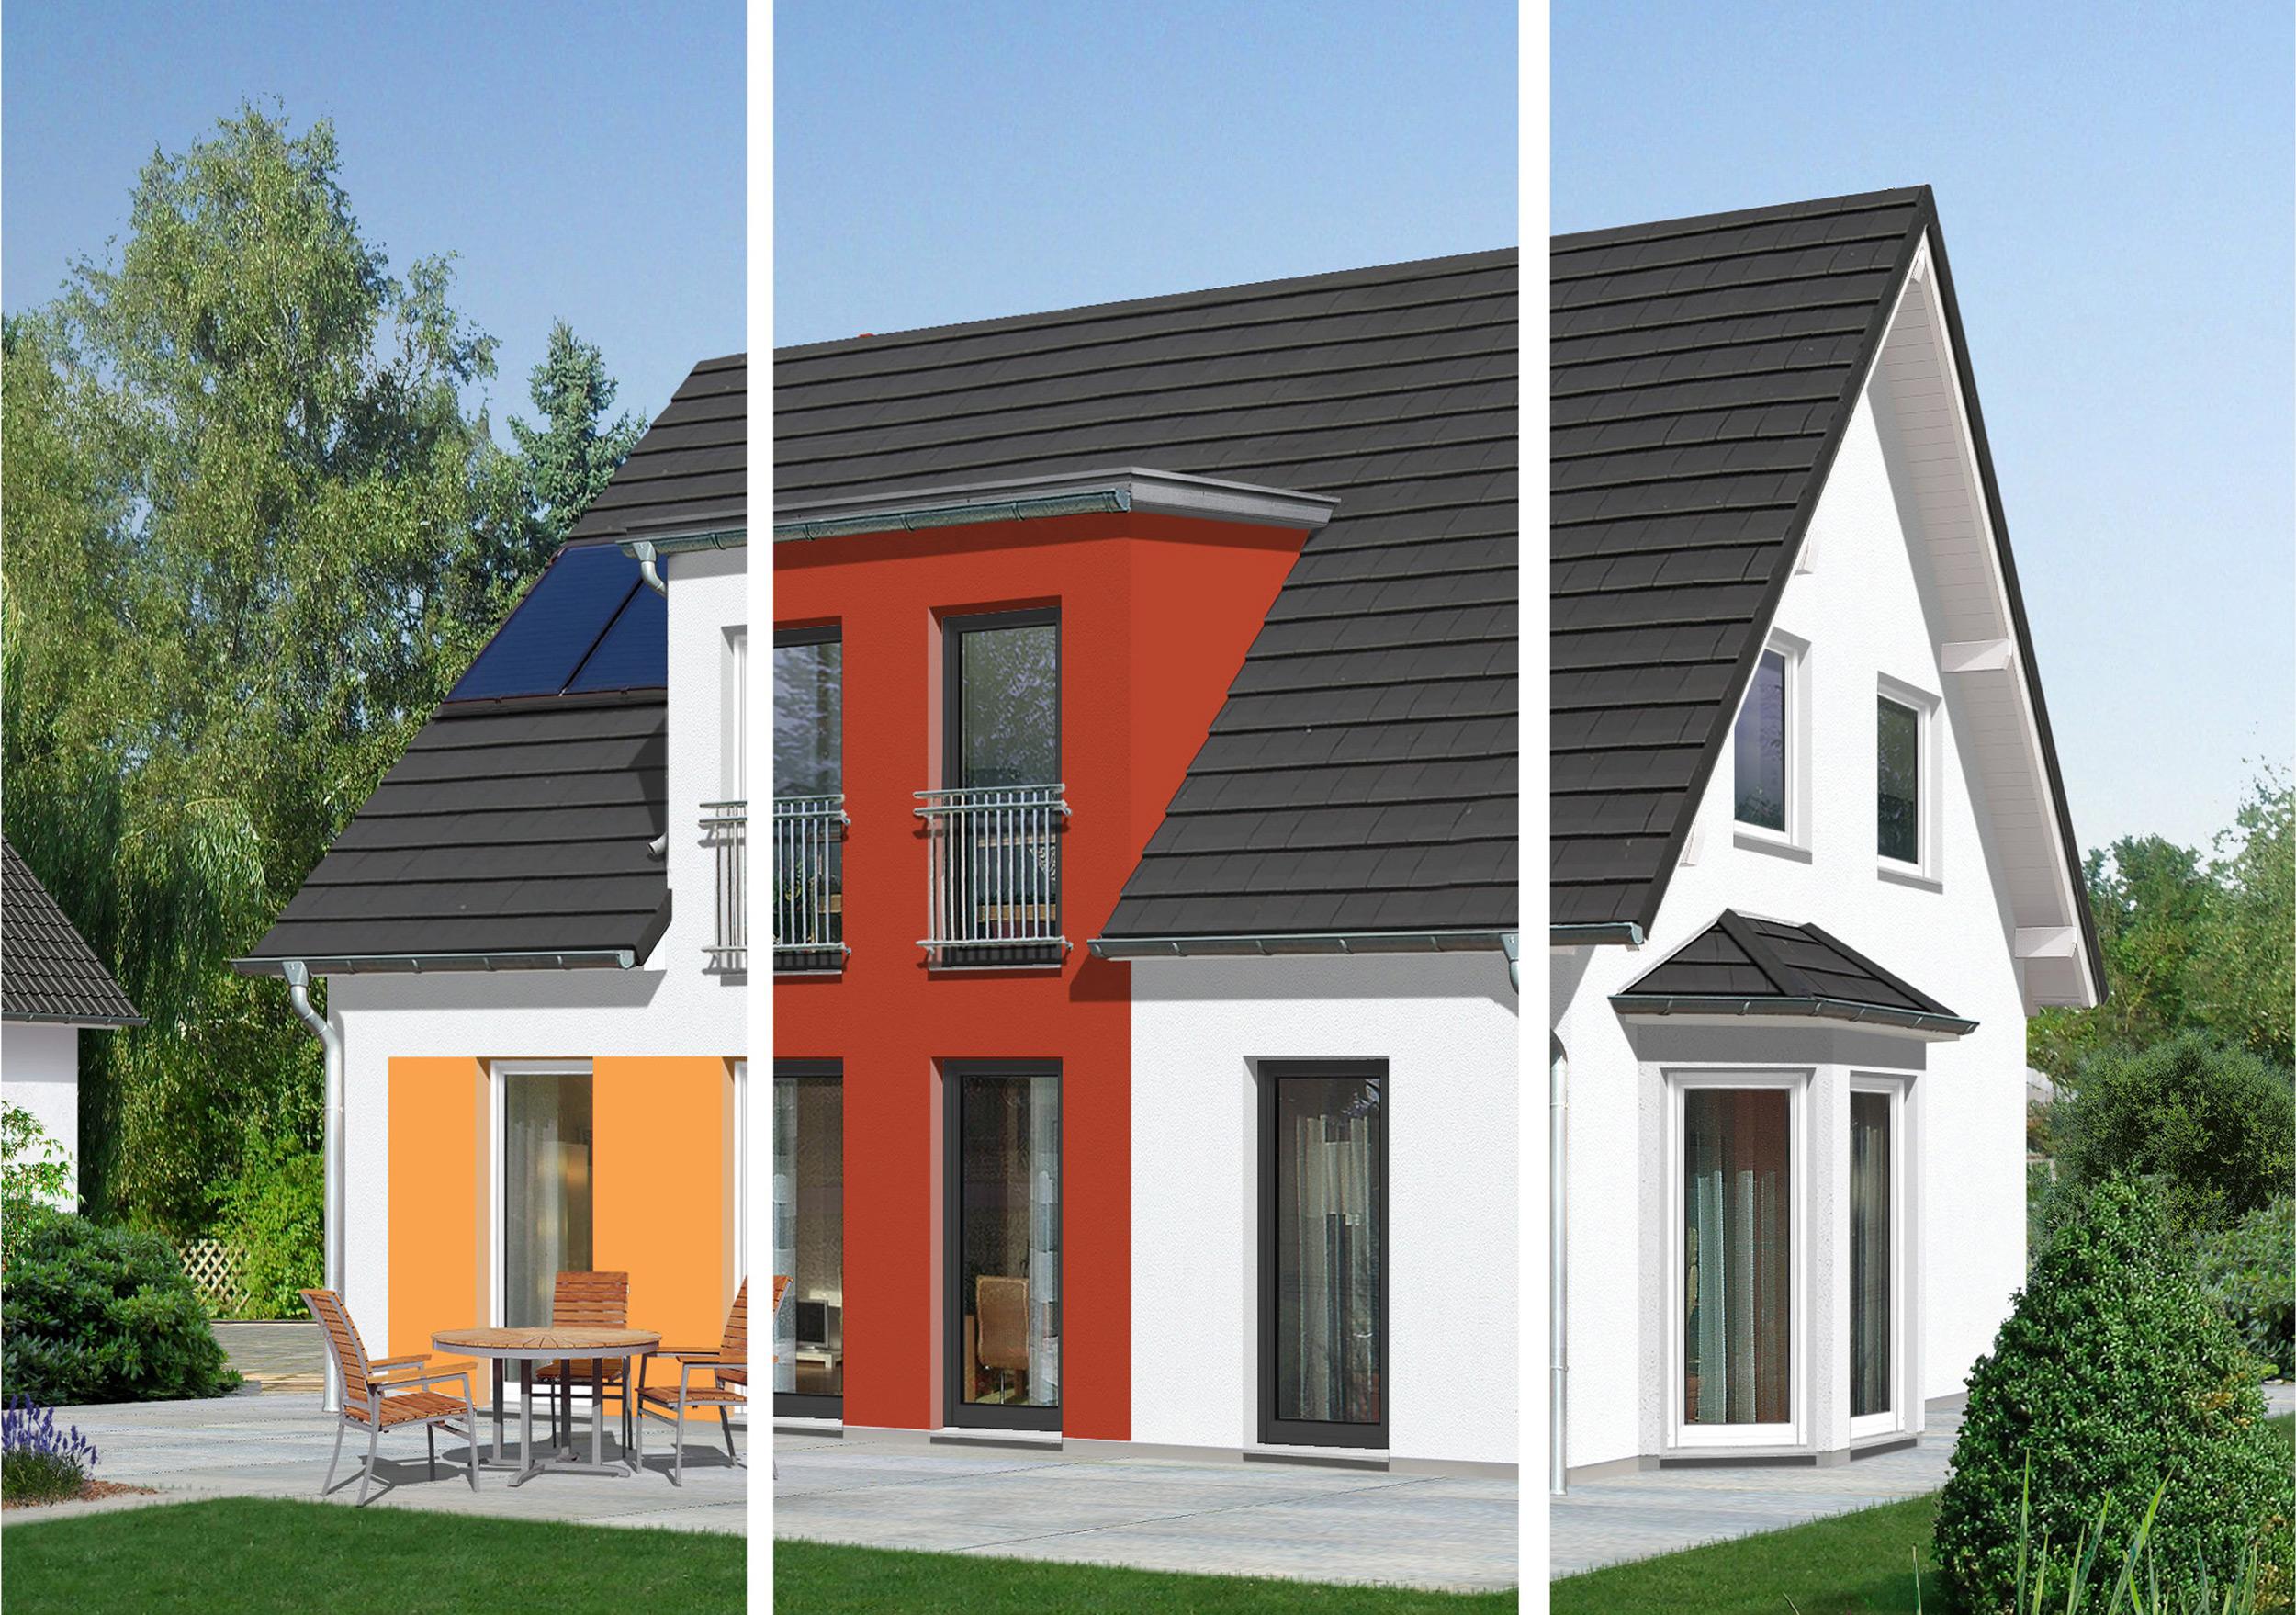 Weniger Baugenehmigungen bei Einfamilienhäusern: Town & Country Haus verkauft auch im Jahr 2014 mehr als 3.000 Massivhäuser